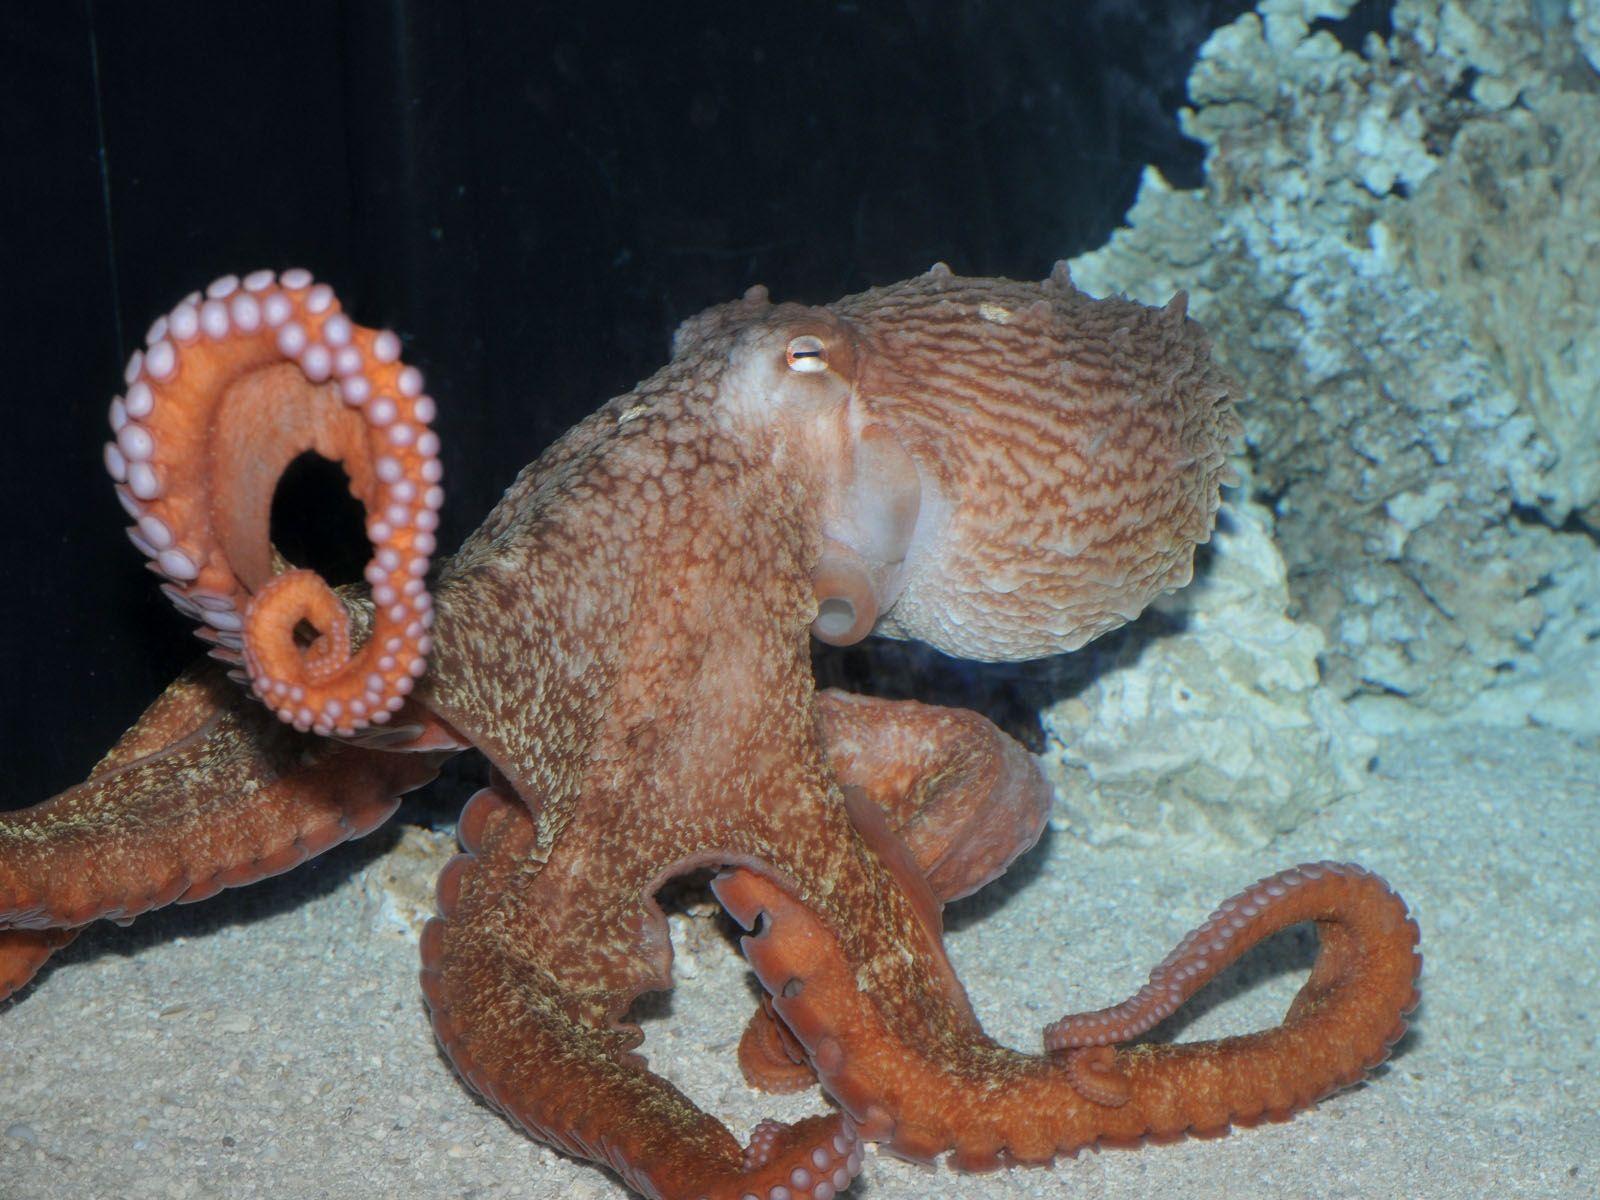 Giant Pacific Octopus Giant Pacific Octopus Octopus Octopus Squid